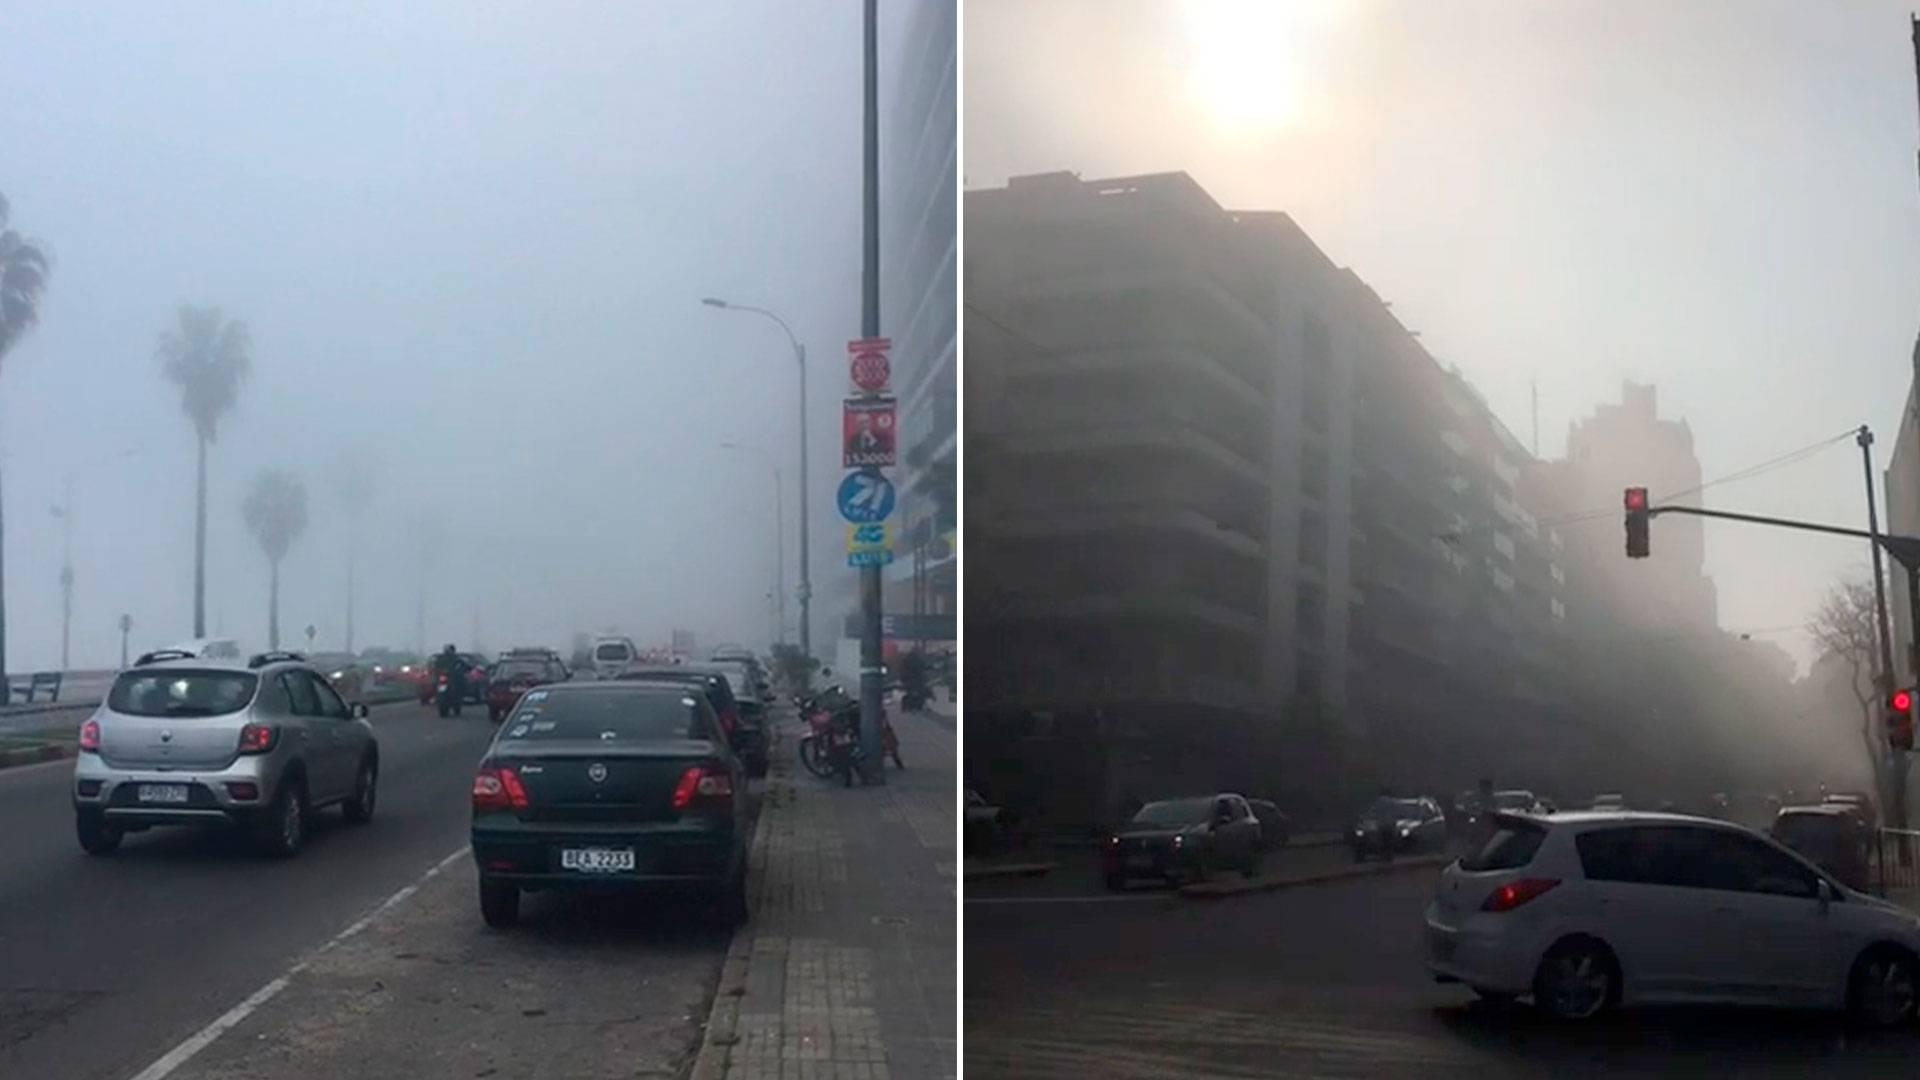 Amazonas: El humo de los incendios llegó hasta el Río de la Plata